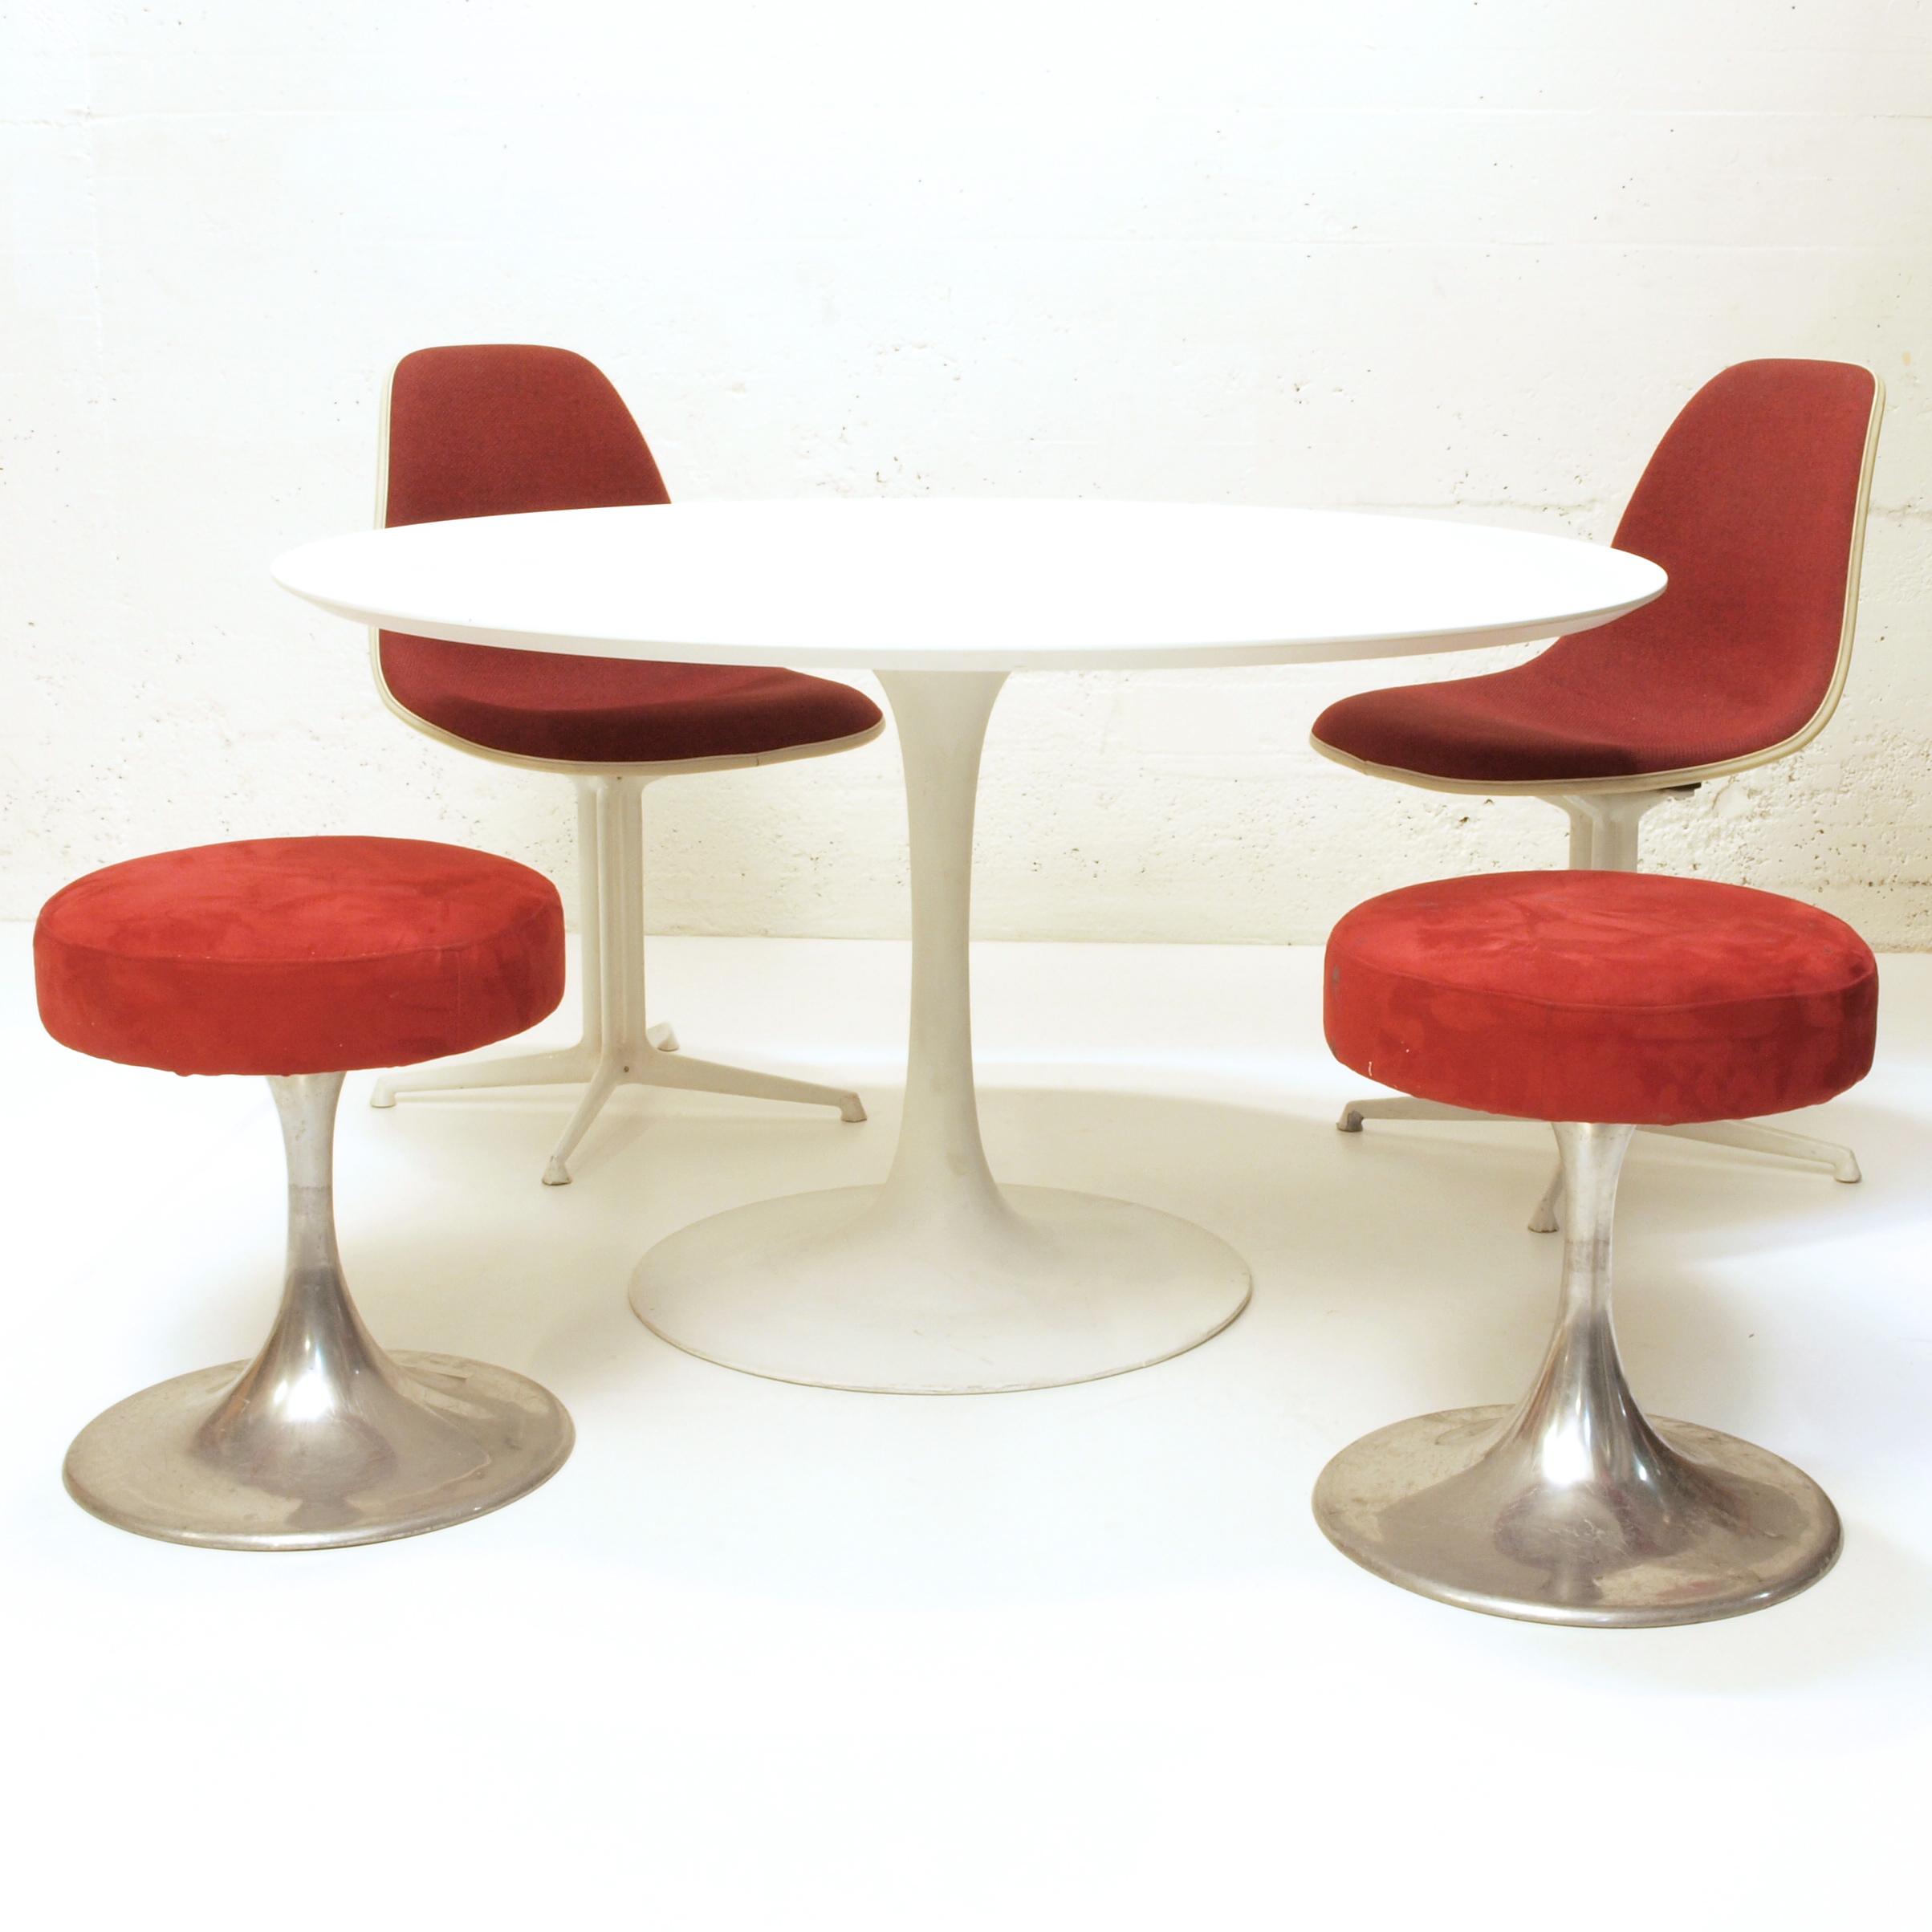 Weisser tisch mit dunkler platte salesfever essgruppe for Weisser tisch mit dunkler platte